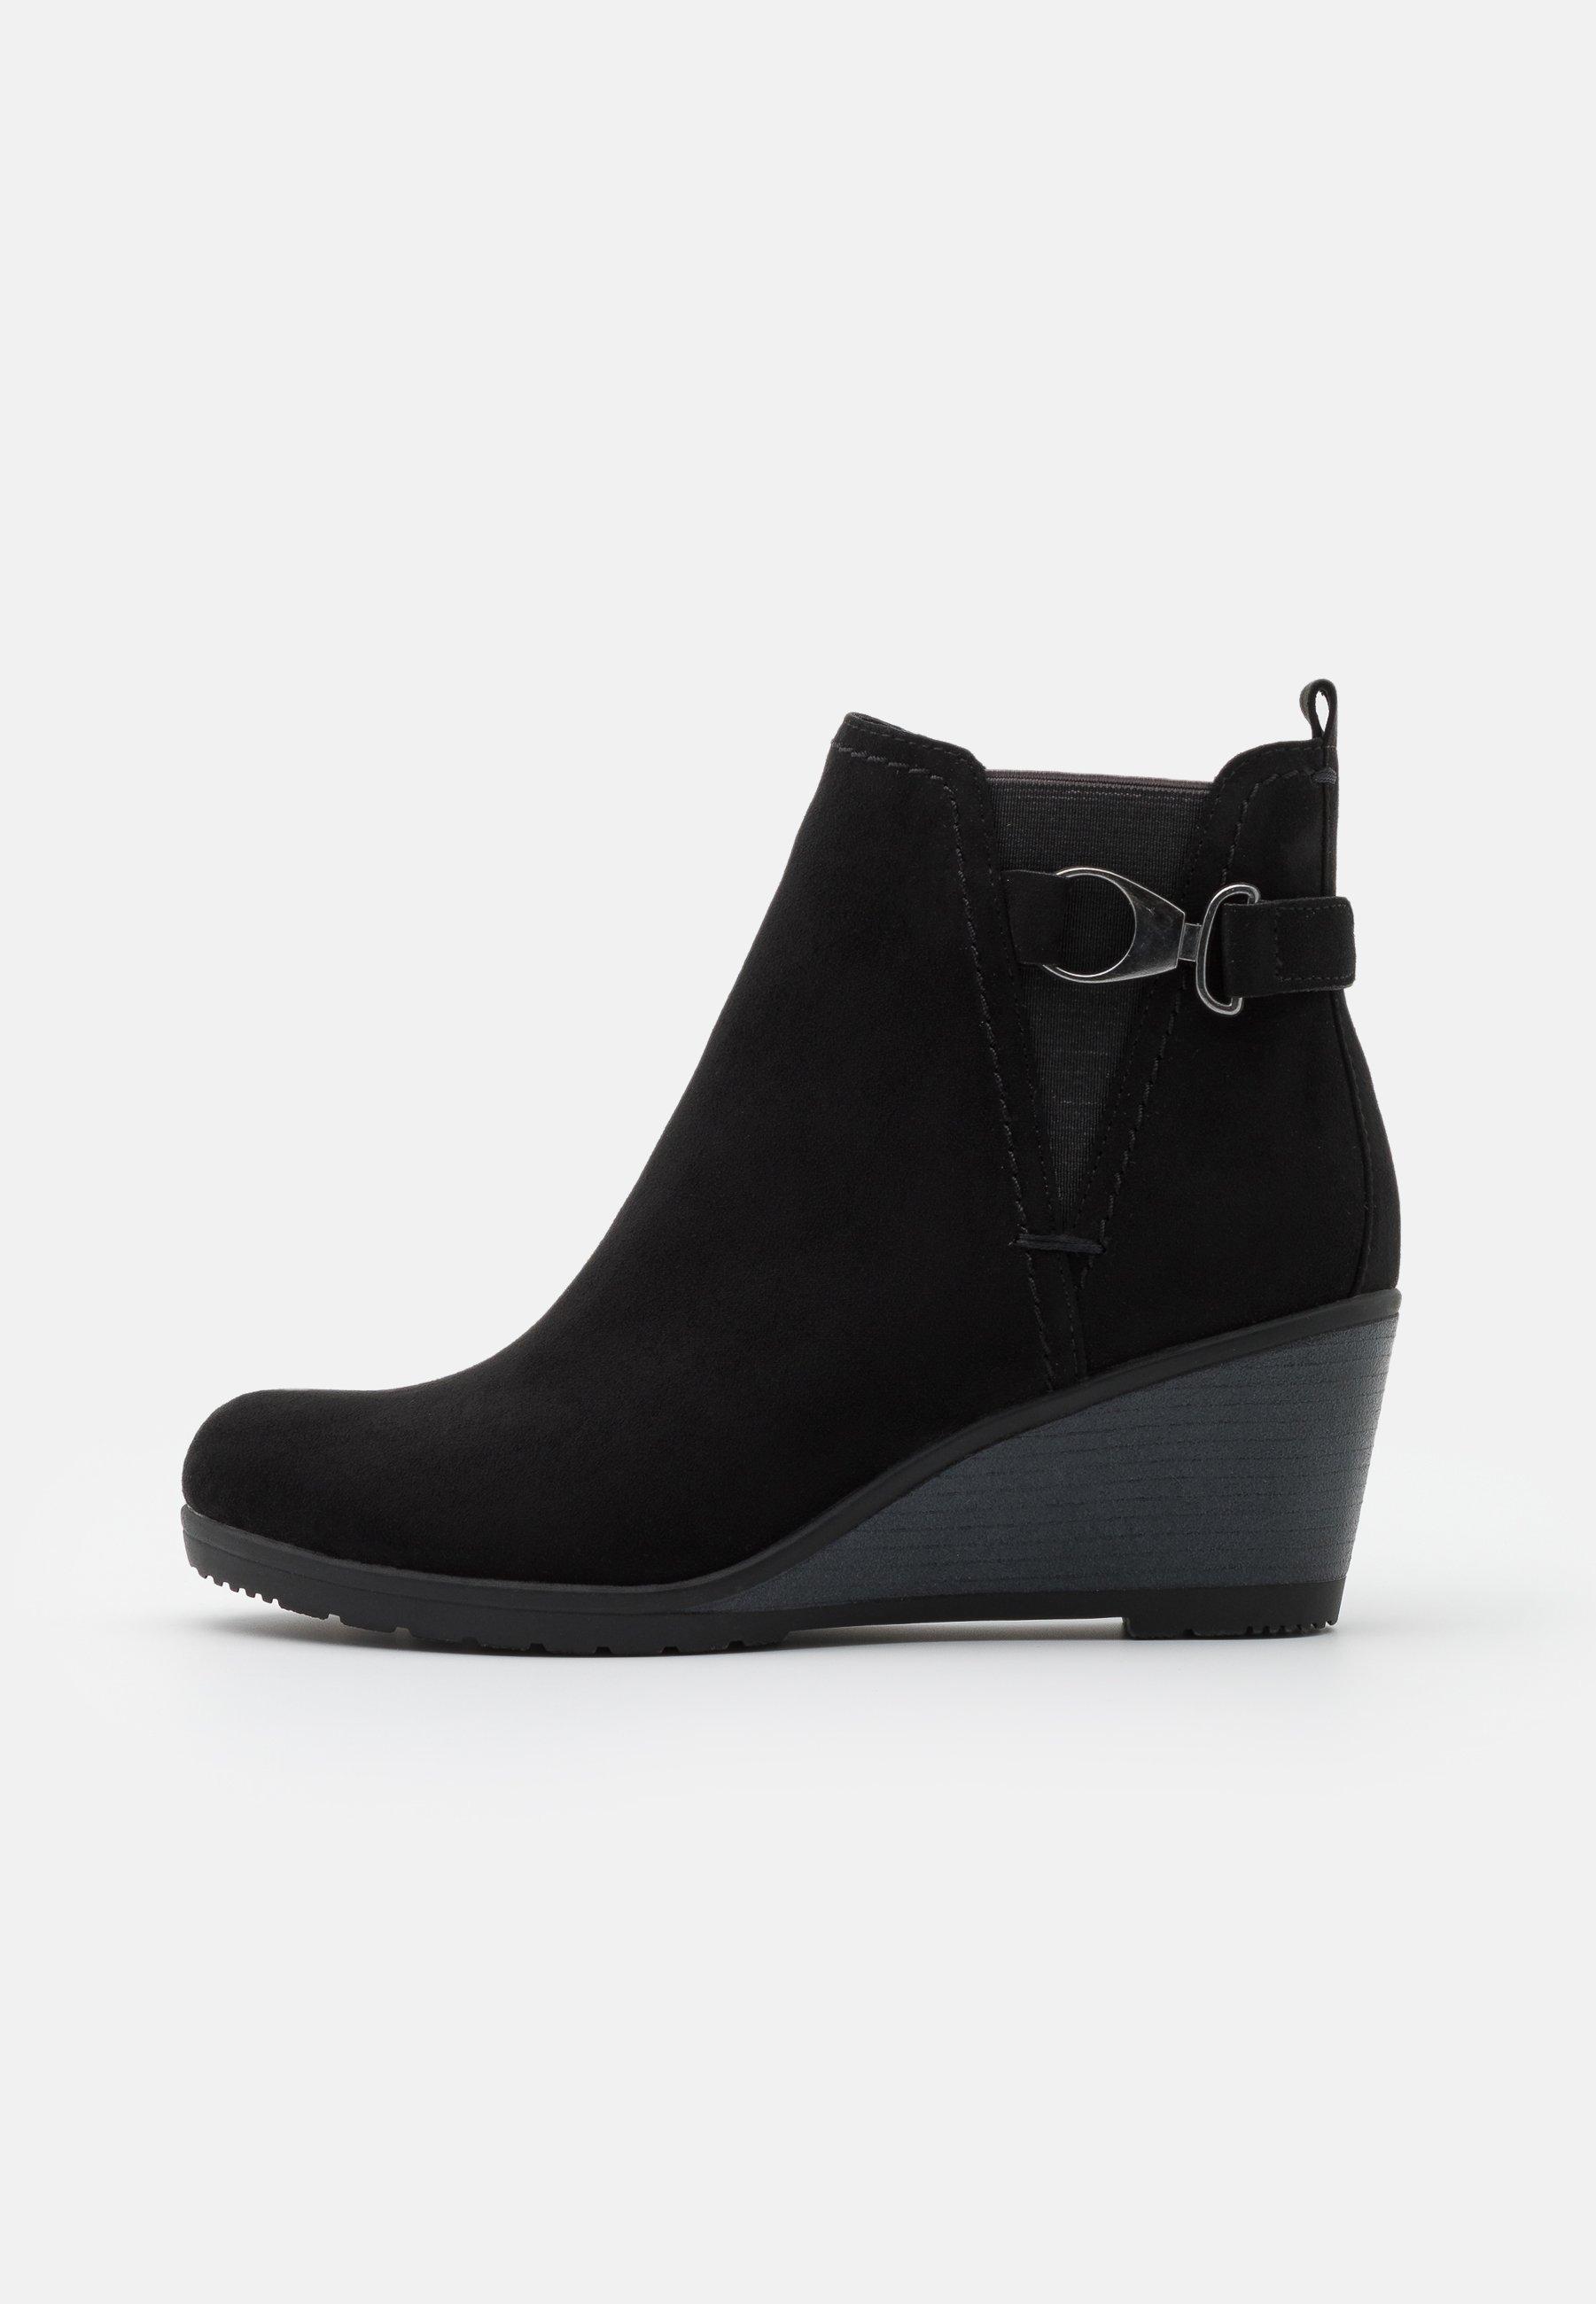 Keilstiefeletten für Damen   Schuhe shoppen leicht gemacht